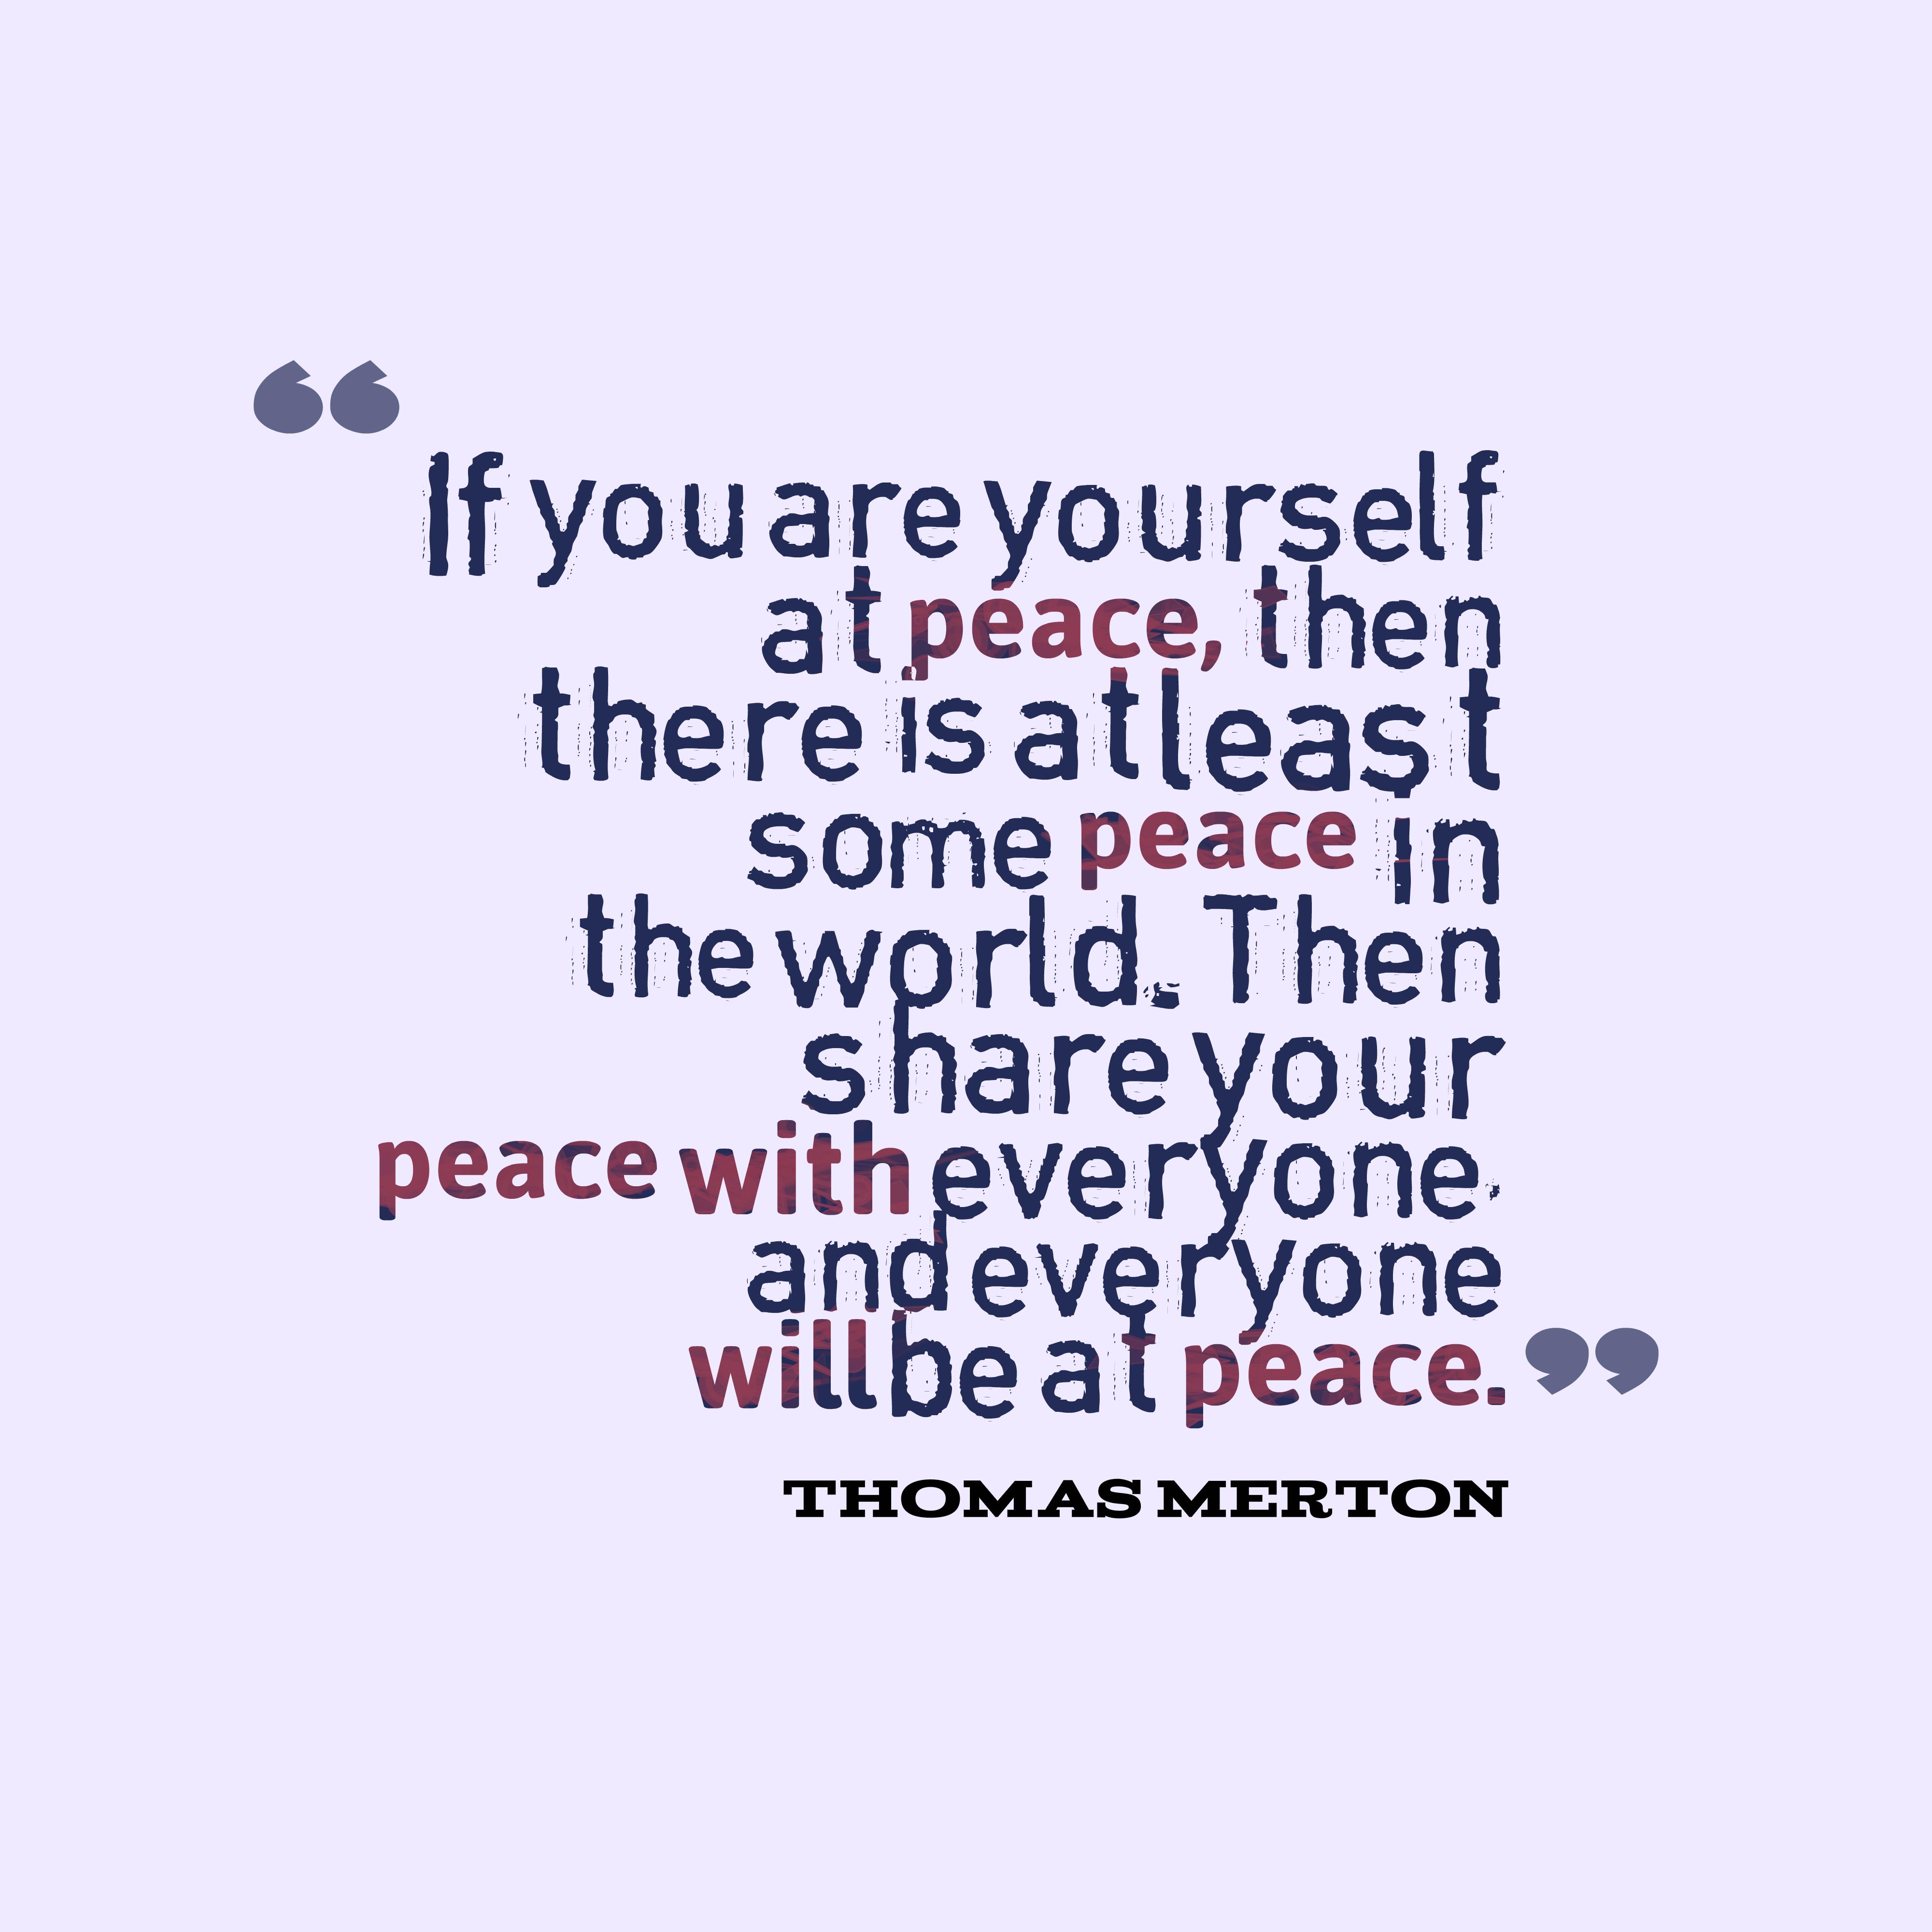 Thomas Merton Quotes Thomas Merton quote about peace. Thomas Merton Quotes